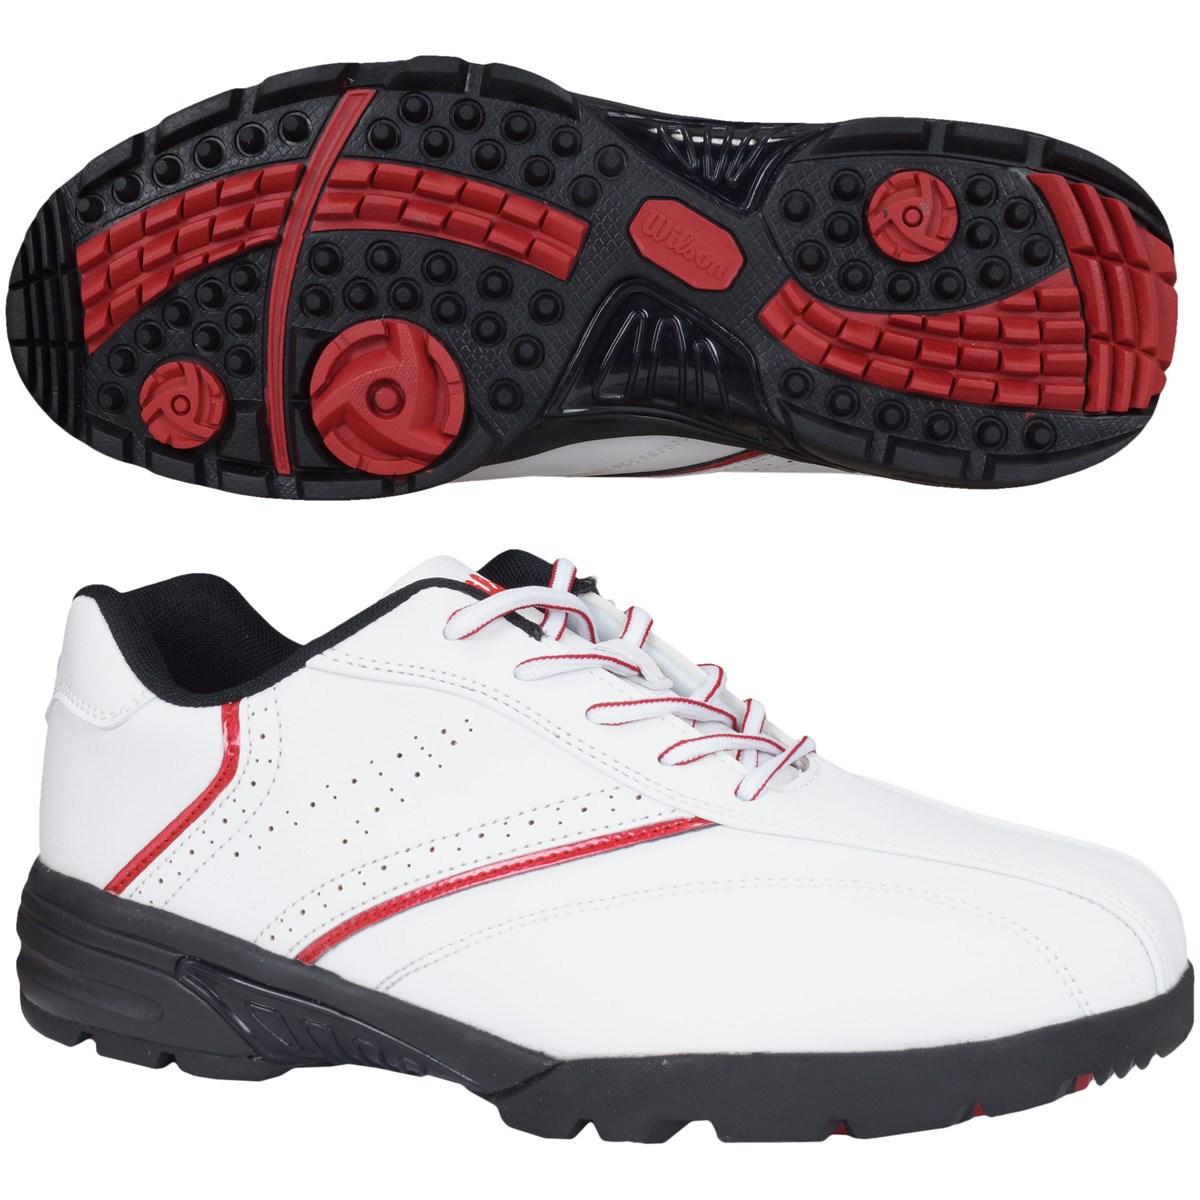 ウイルソン Wilson スパイクレスゴルフシューズ 25.5cm ホワイト